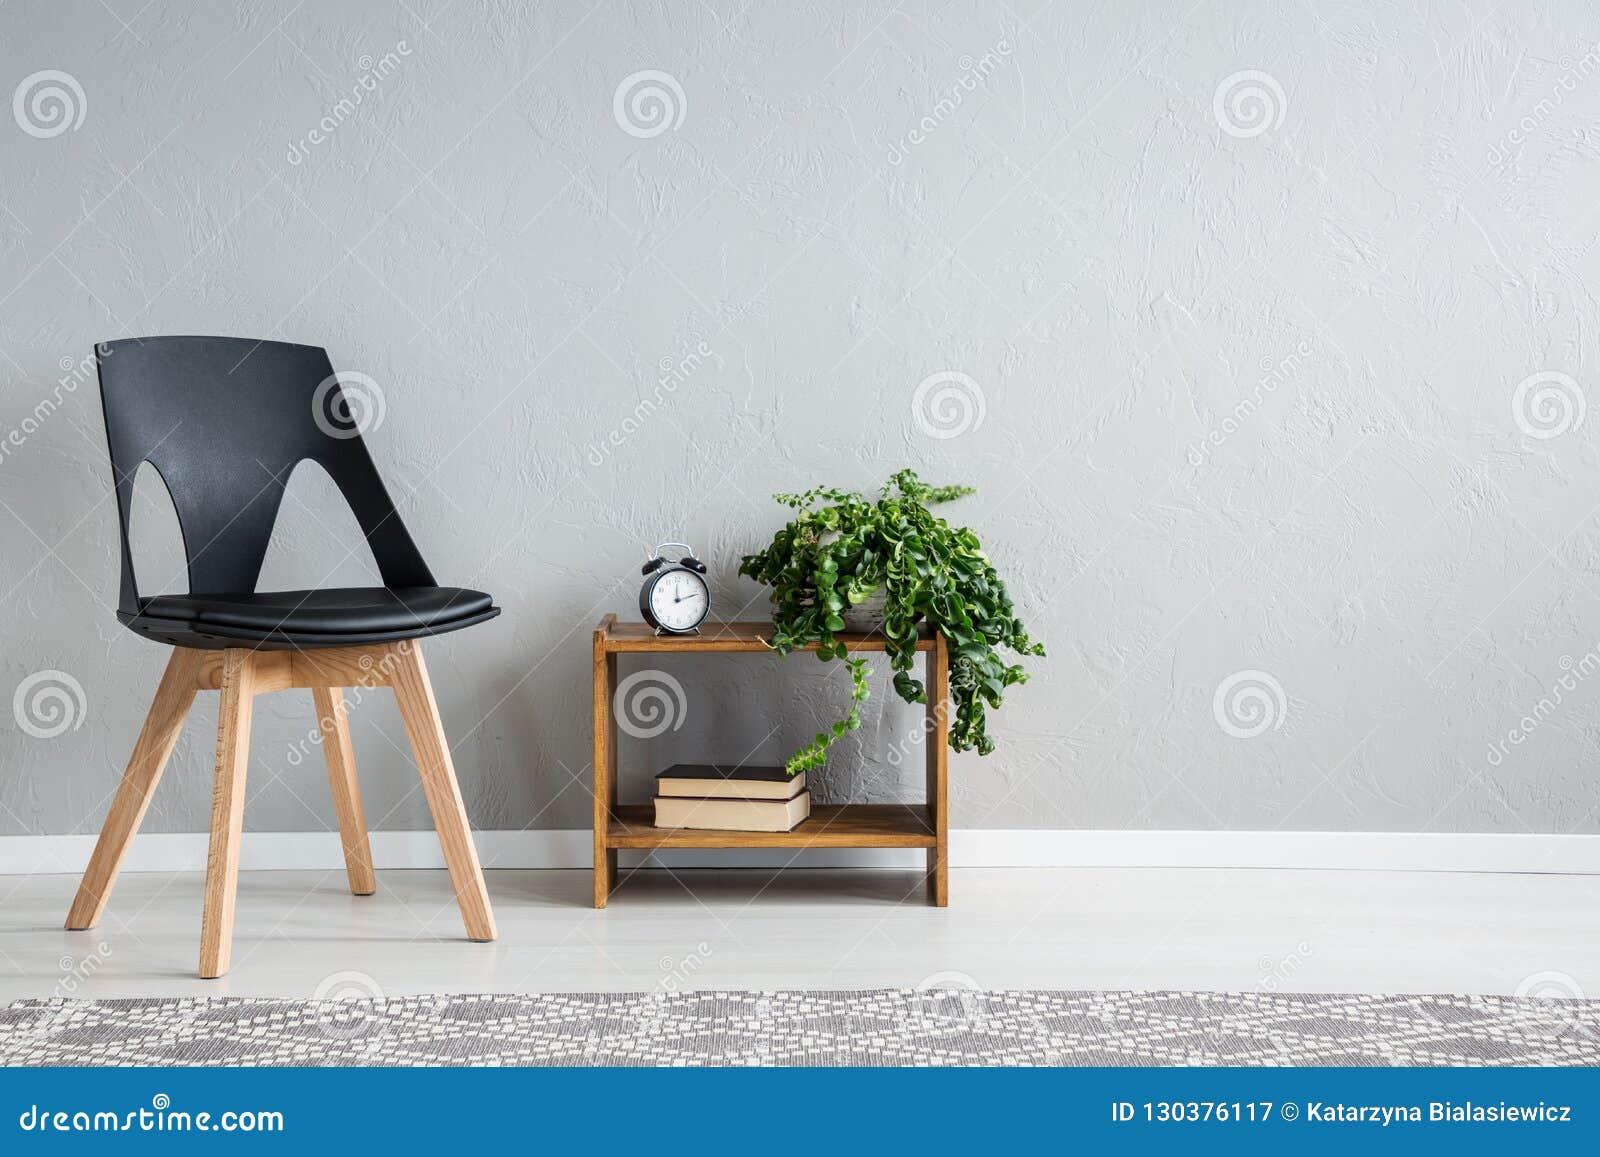 Stilvoller schwarzer Stuhl nahe bei Regal mit zwei Büchern, Uhr und Grünpflanze im Topf